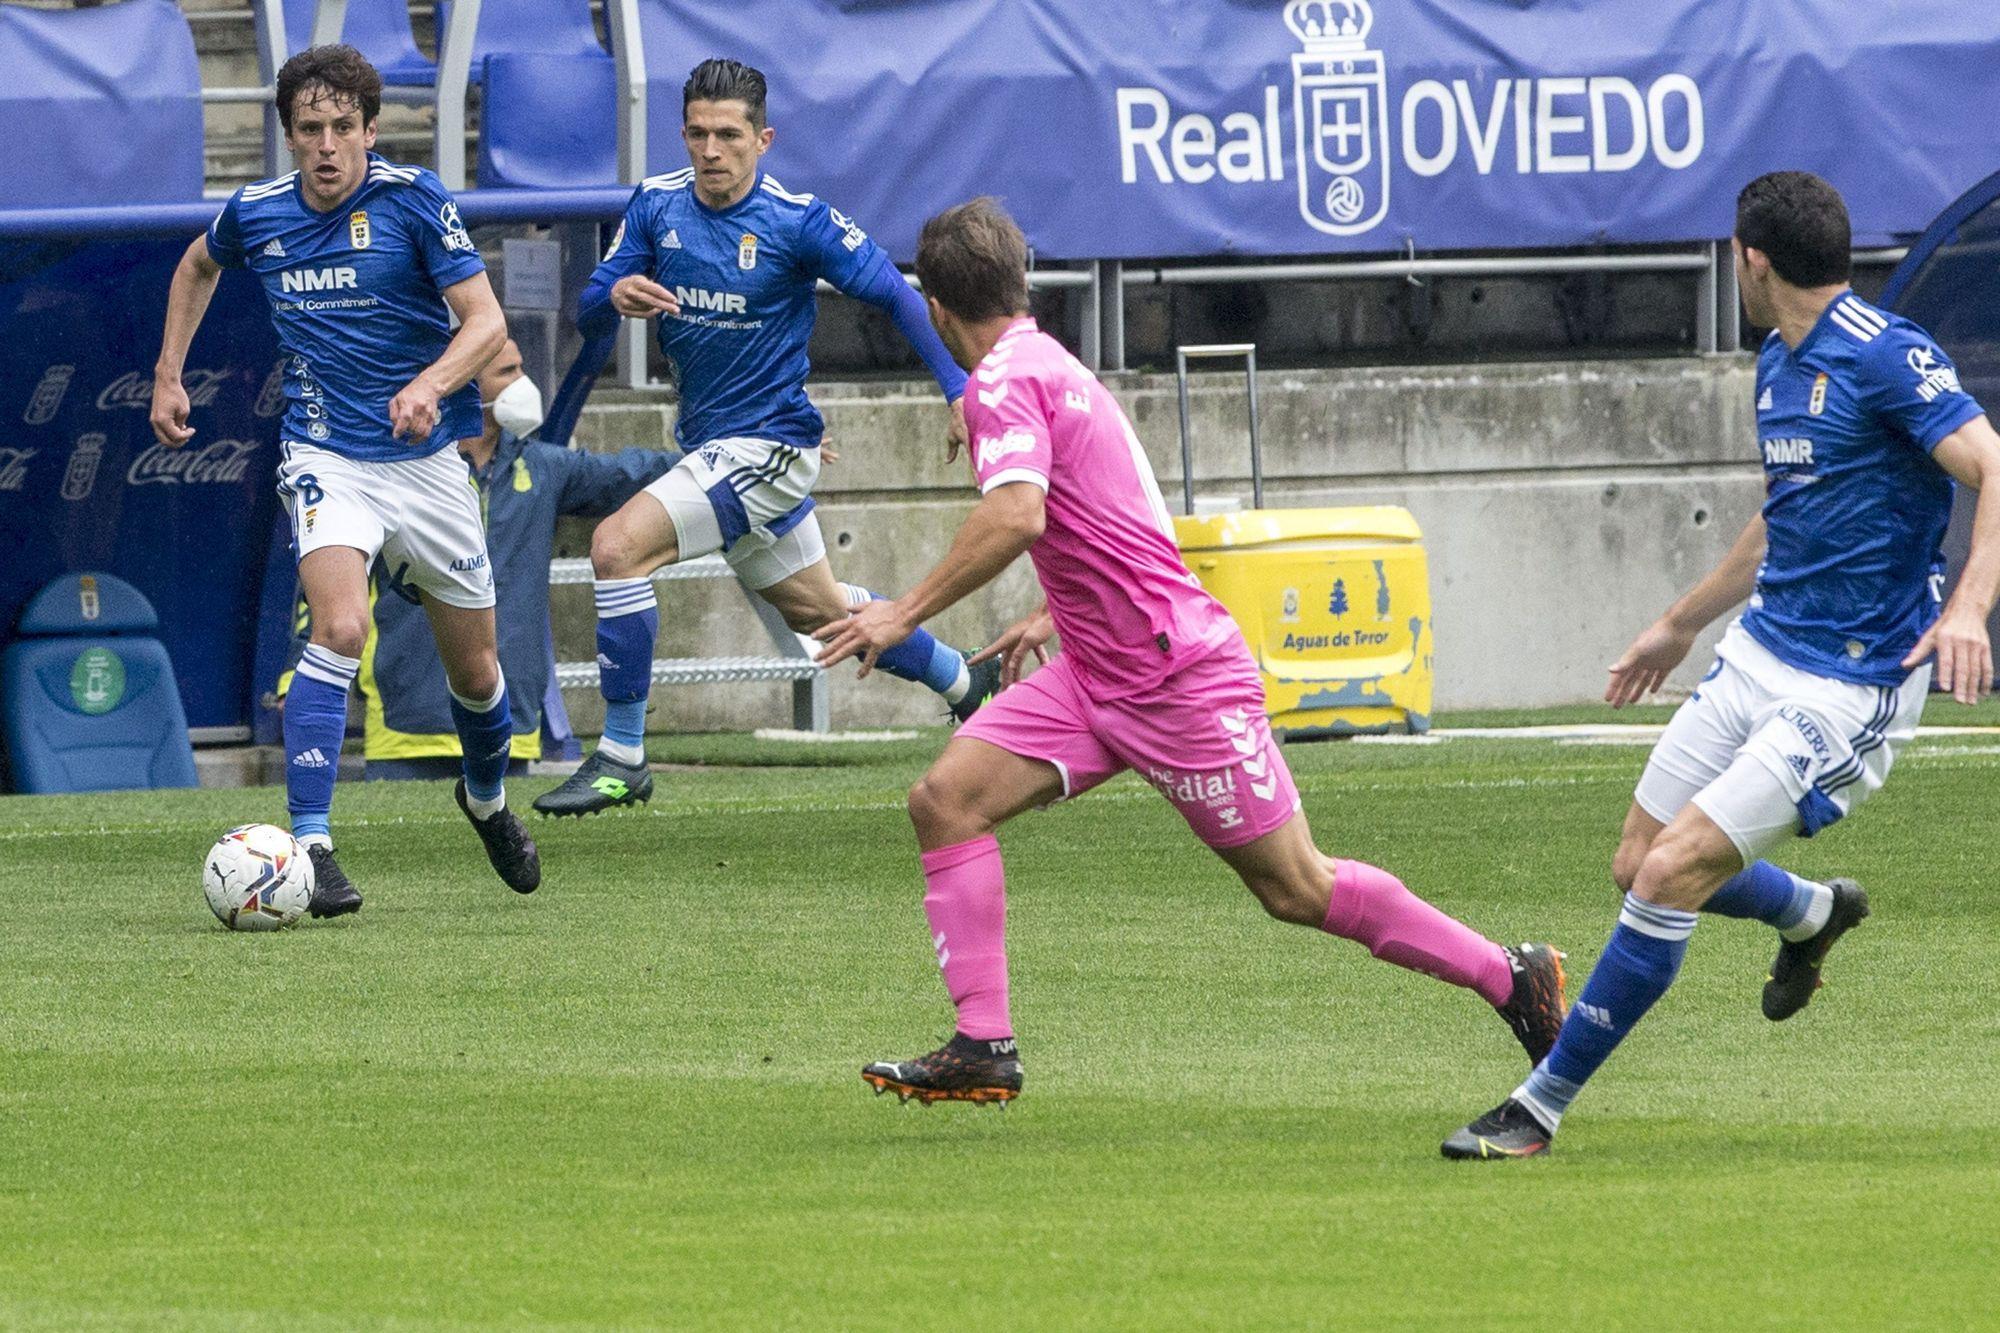 LaLiga SmartBank: Real Oviedo - UD Las Palmas